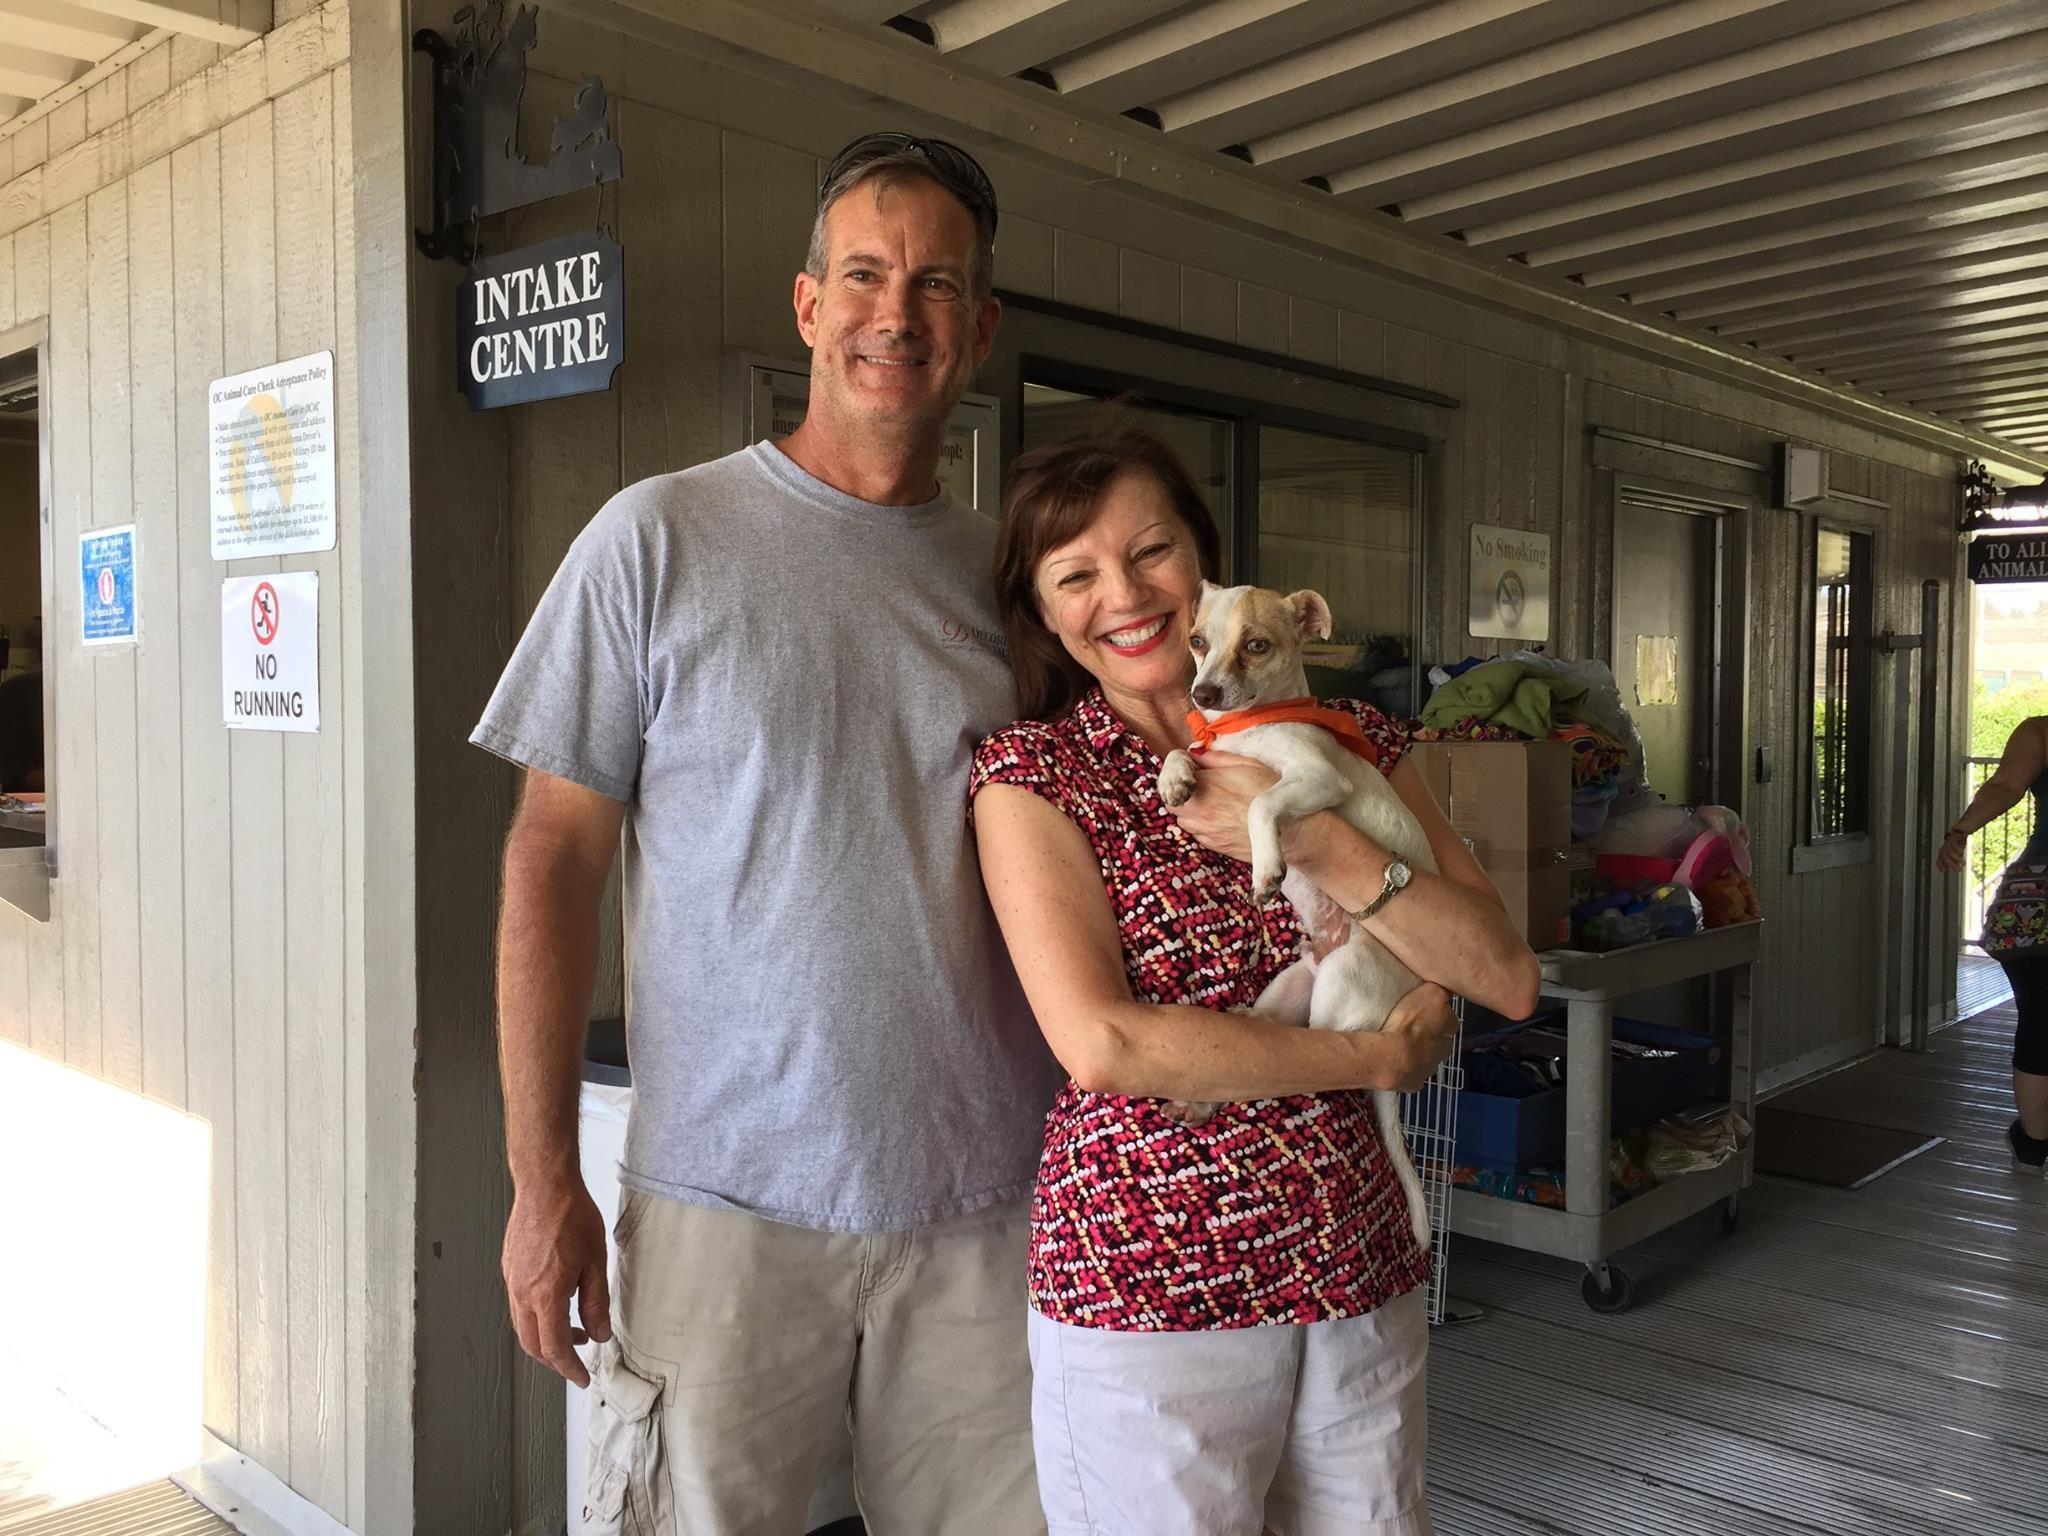 Cachorro foi adotado após meses de tratamento / OC Animal Care/Facebook/Divulgação